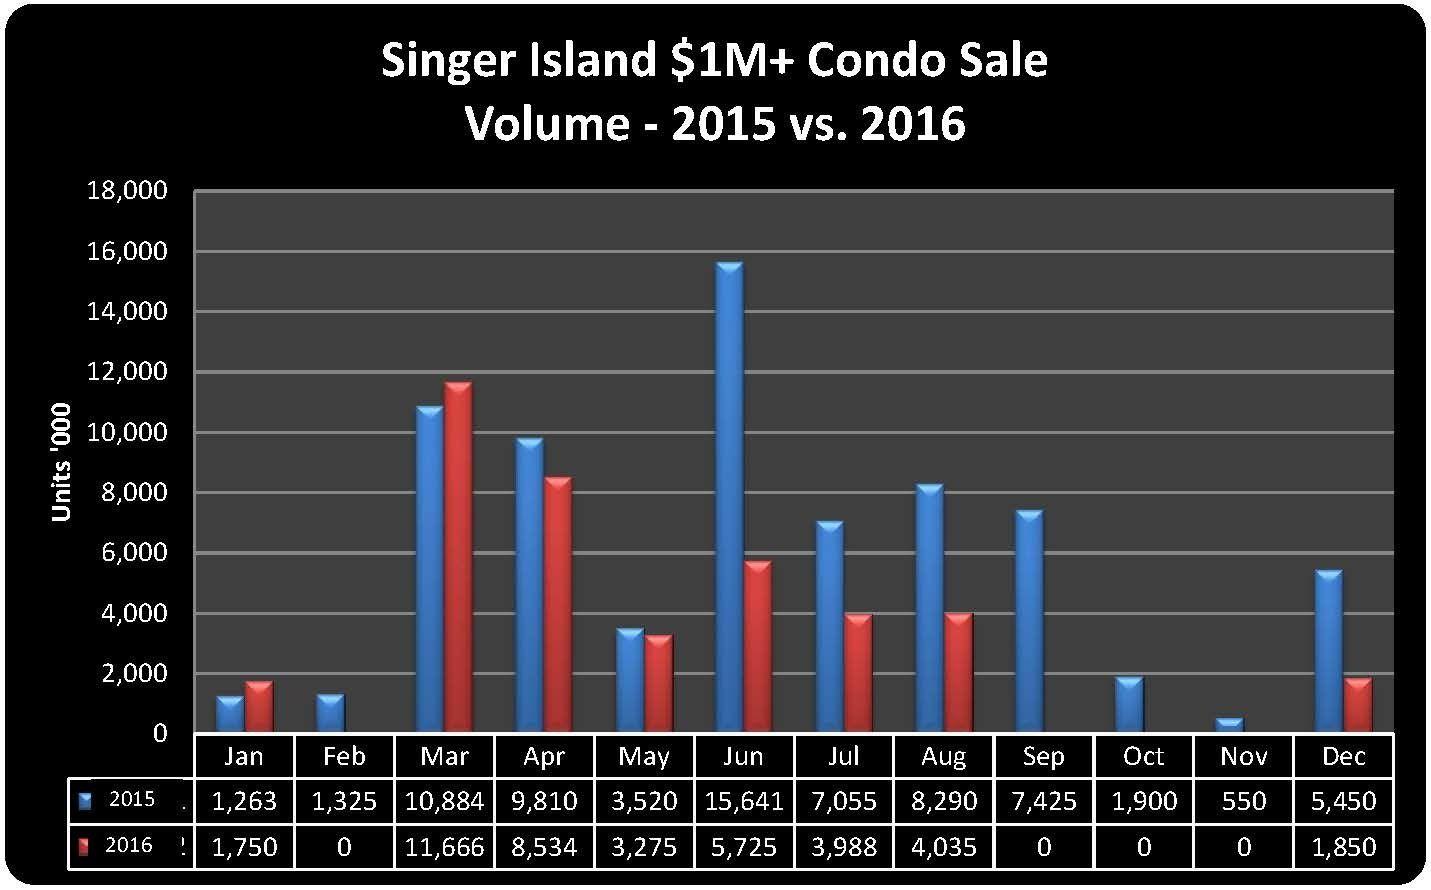 condo-1m-sales-2016-vs-2015-volume